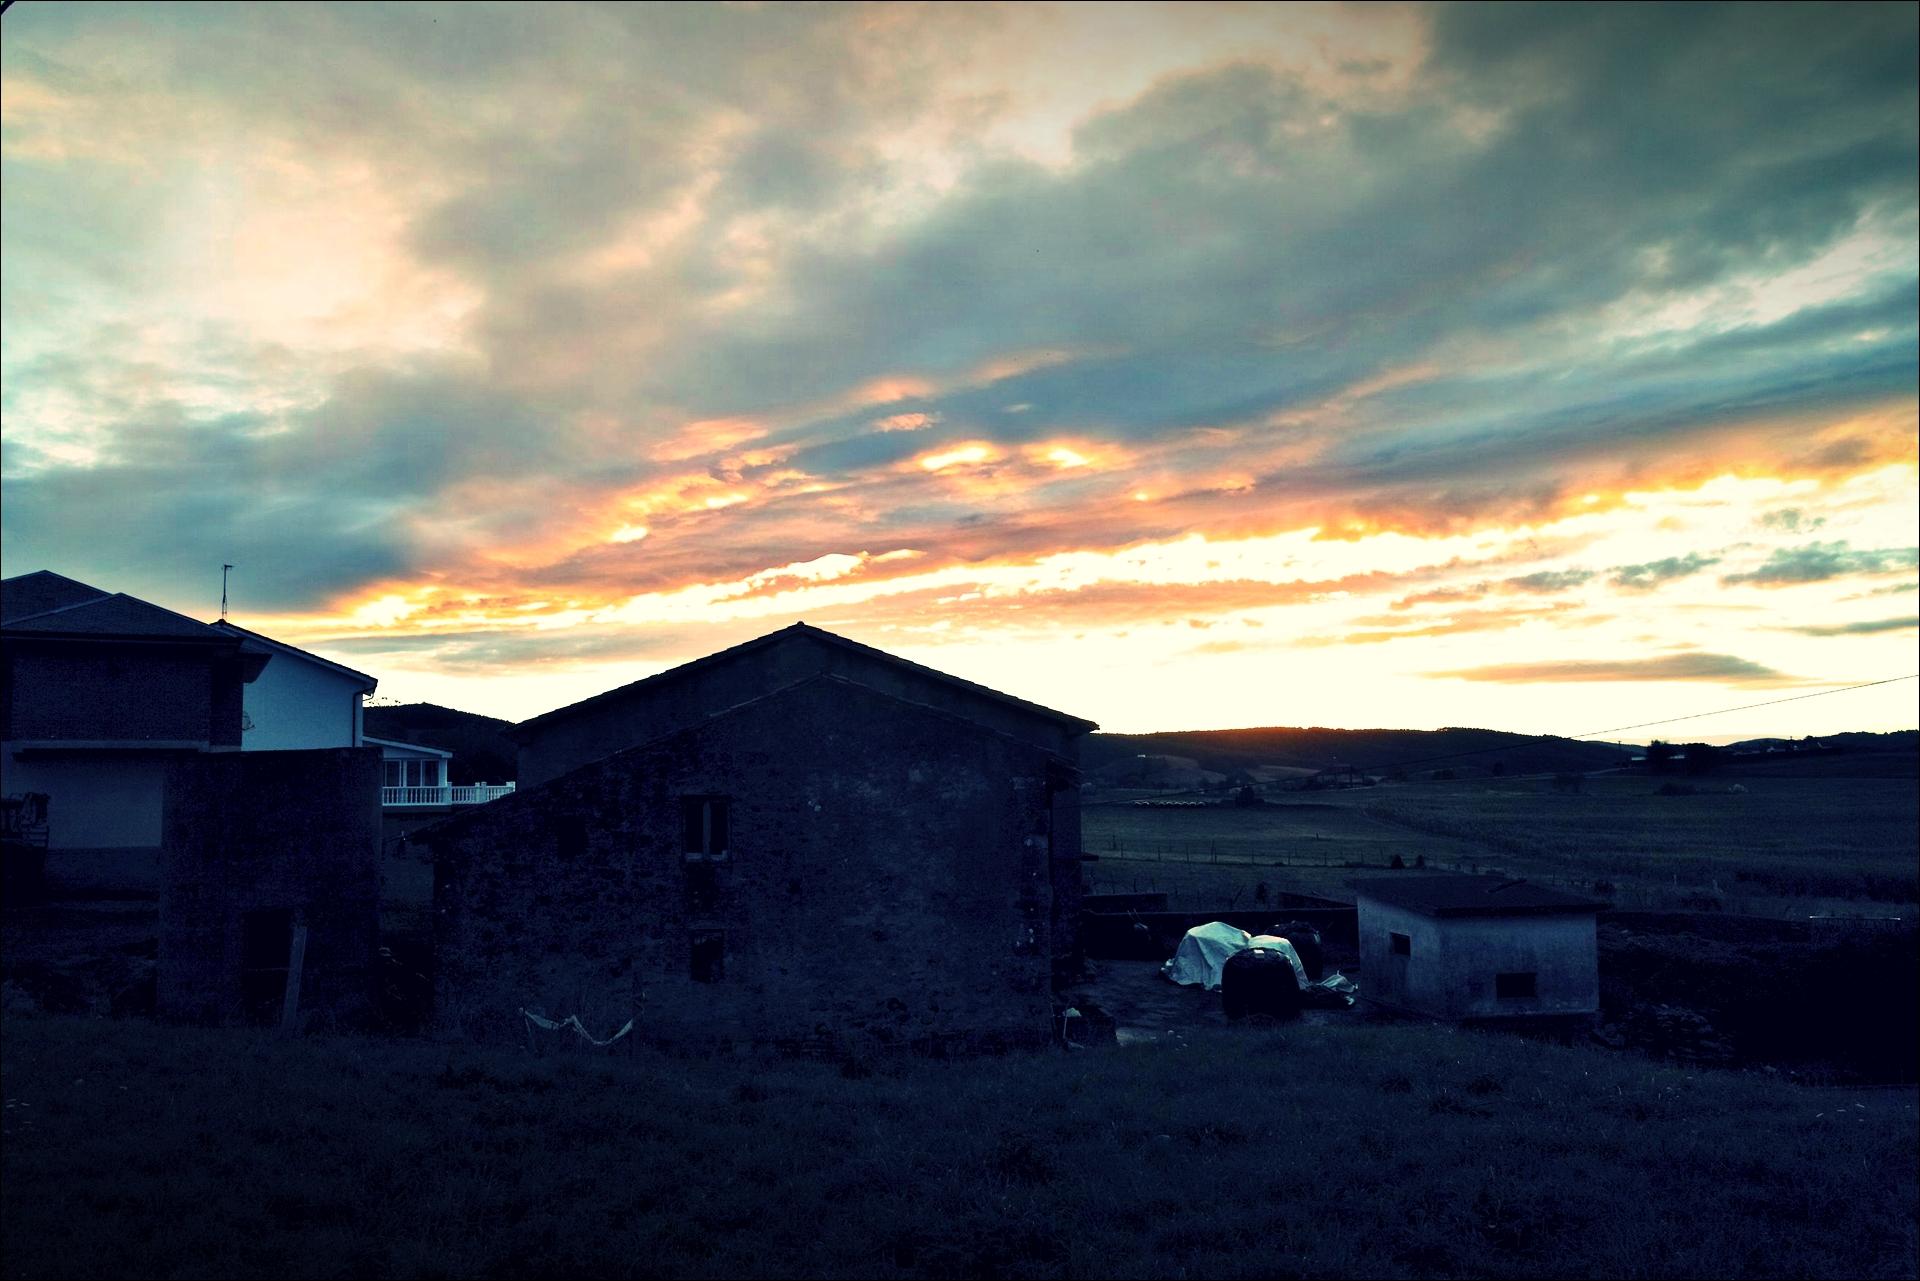 아침 하늘-'카미노 데 산티아고 북쪽길. 궤메스에서 산탄데르. (Camino del Norte - Güemes to Santander)'